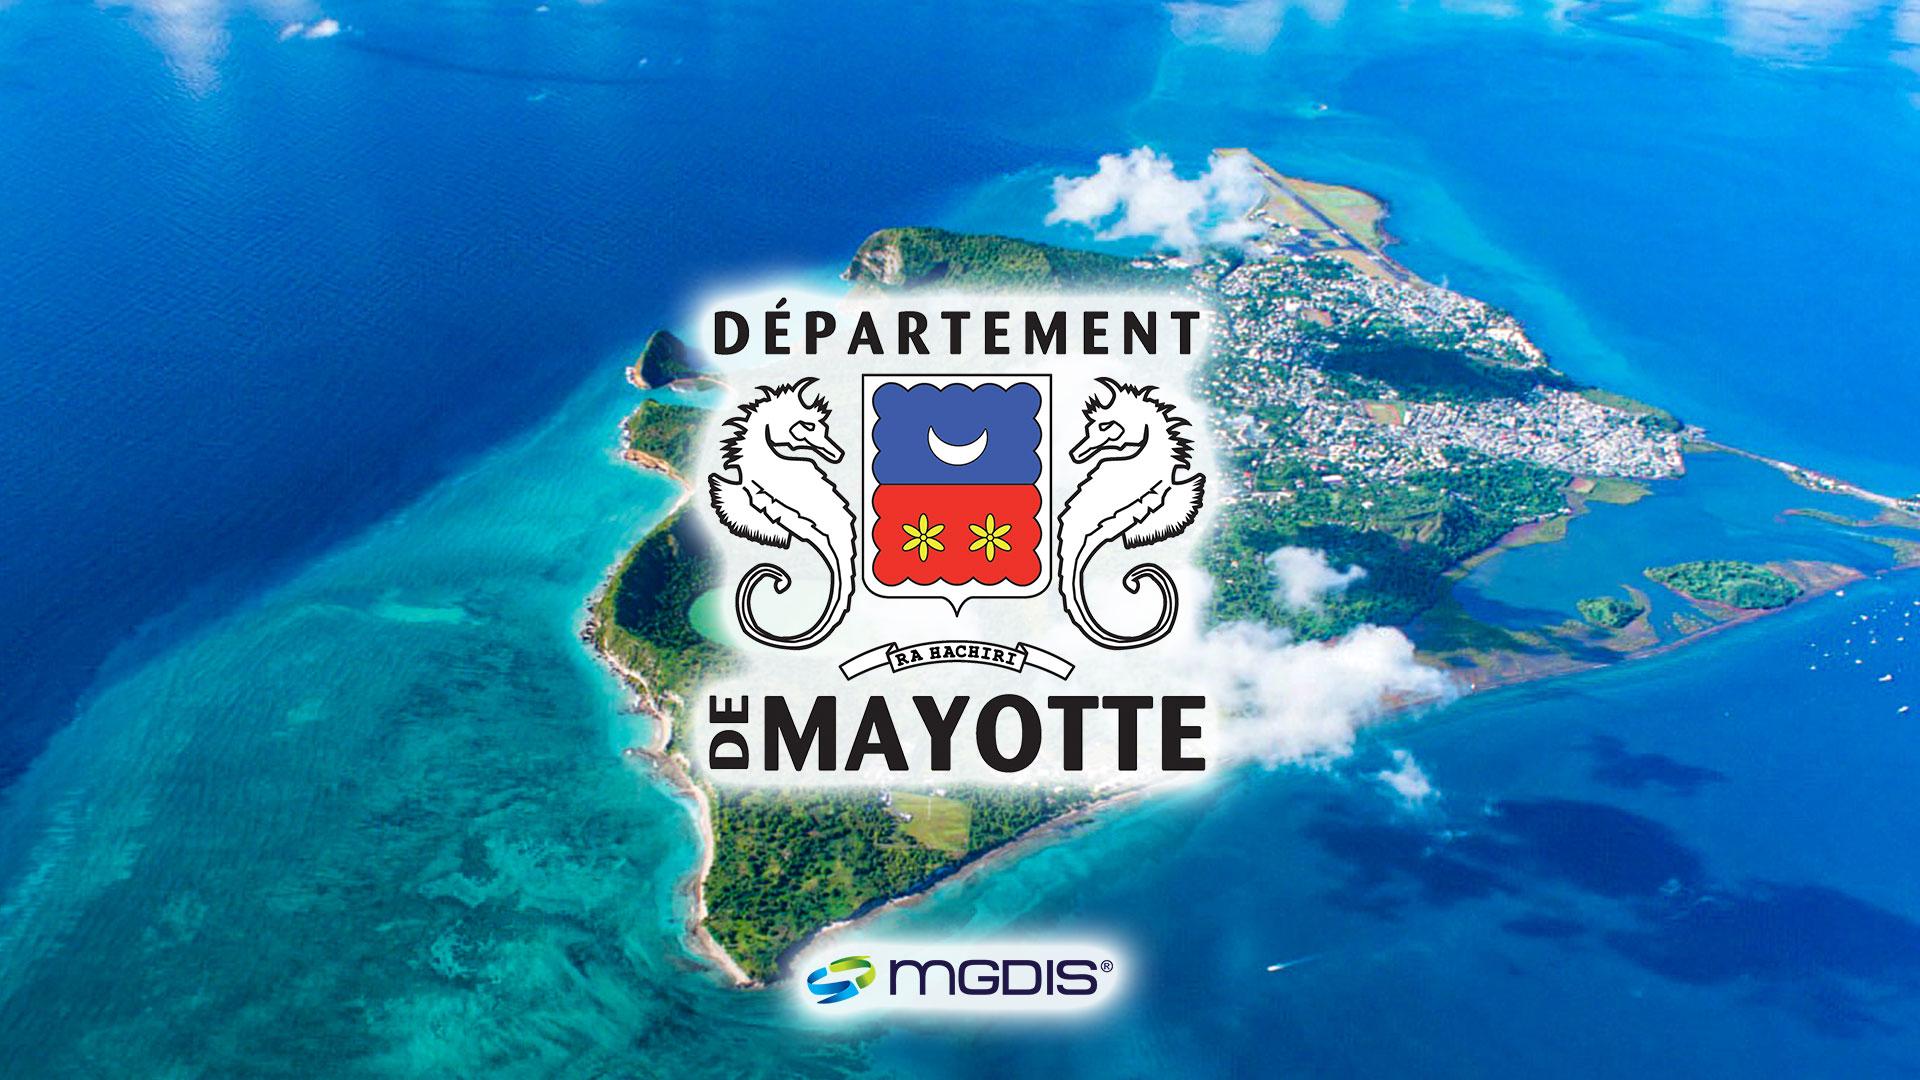 CD976-Mayotte-MGDIS-portail-solidarite